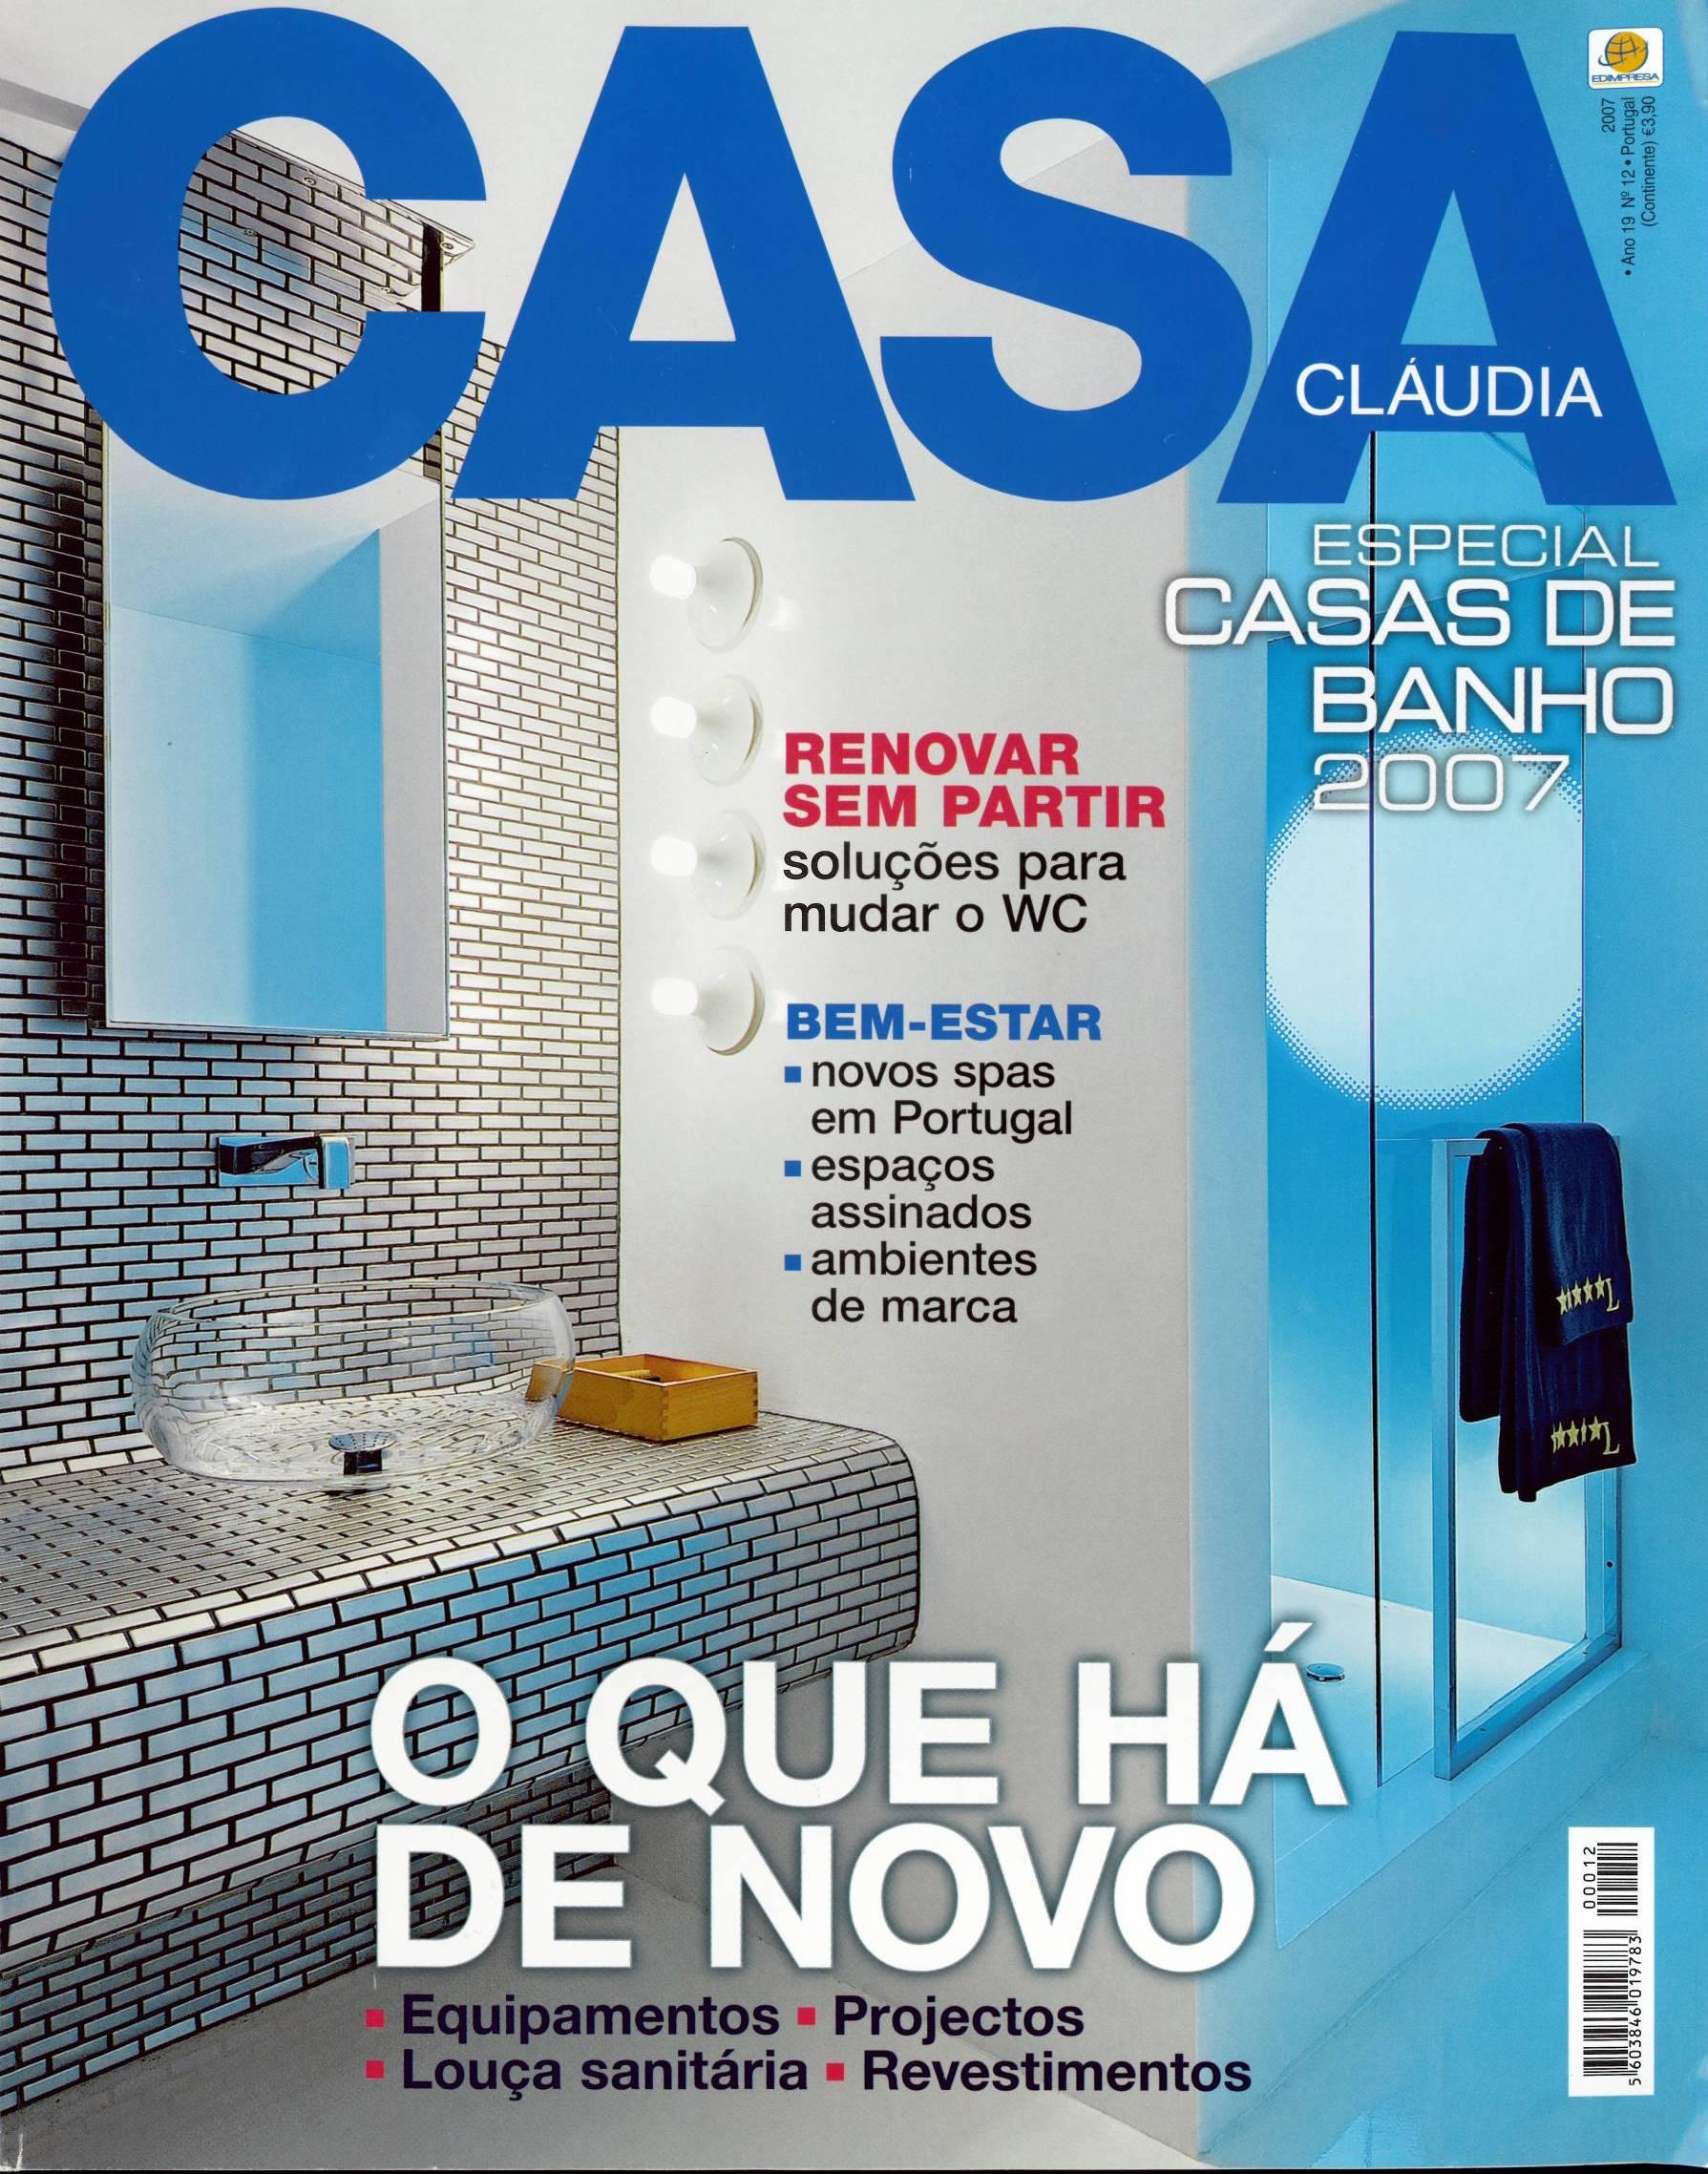 19 - CASA CLAUDIA N12 JAN 2007.jpg